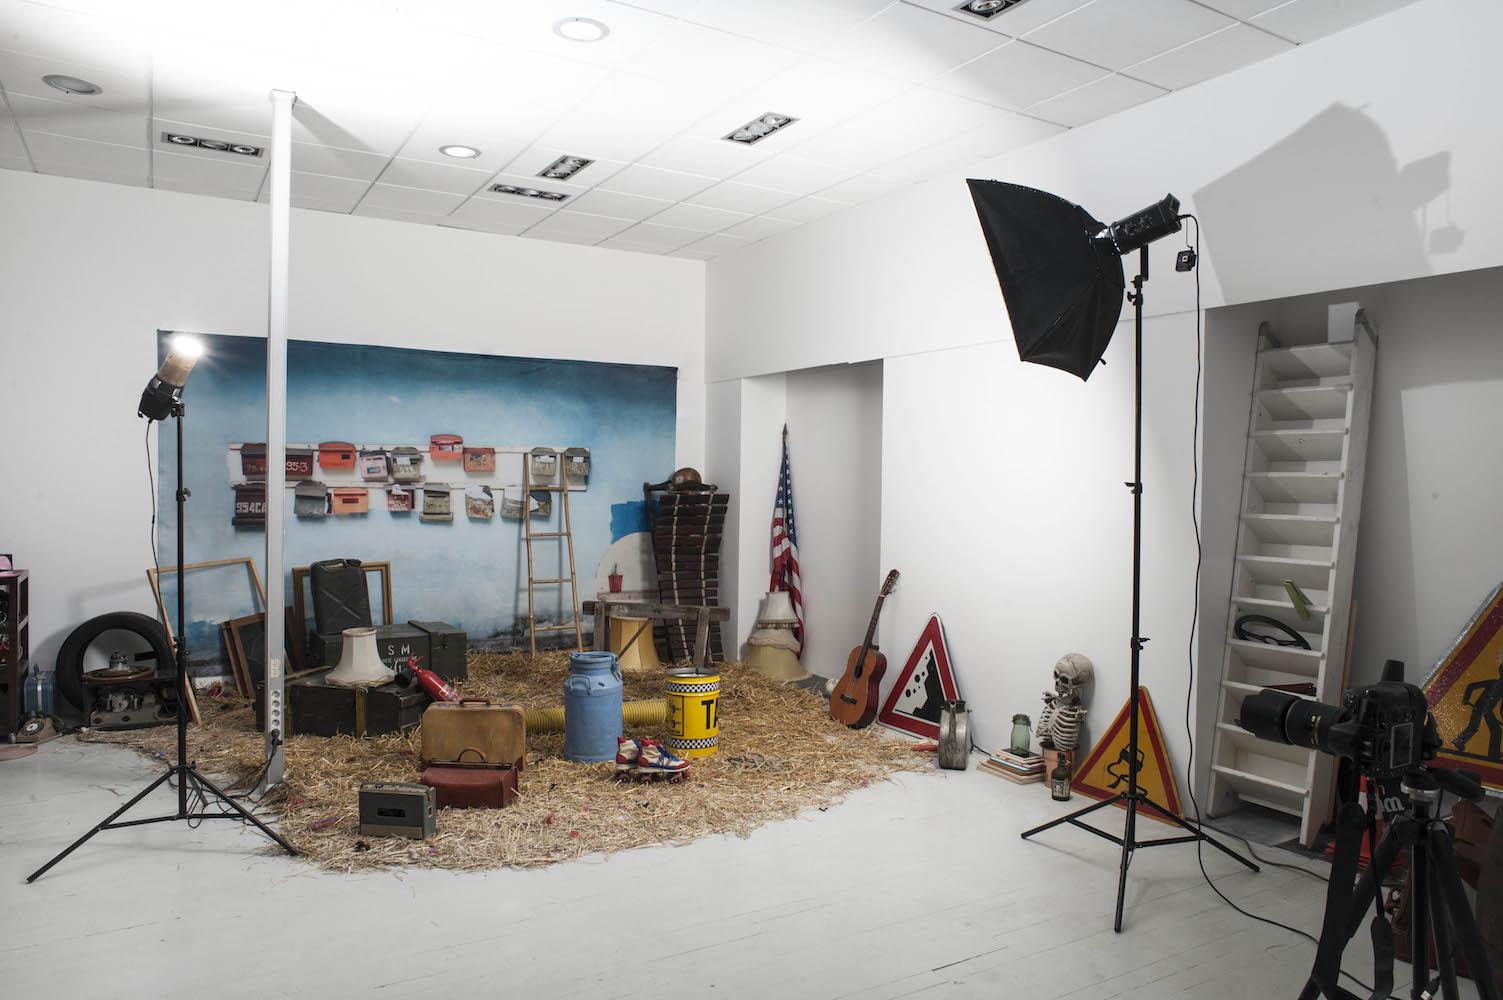 Studio Le Carré, photographe, studio photo, local, location, location studio, espace, architecture, déménagement, location studio photo, salle de cours, salle photo, reunion, salle de reunion, video, videoprojecteur, retroprojecteur, photographe studio